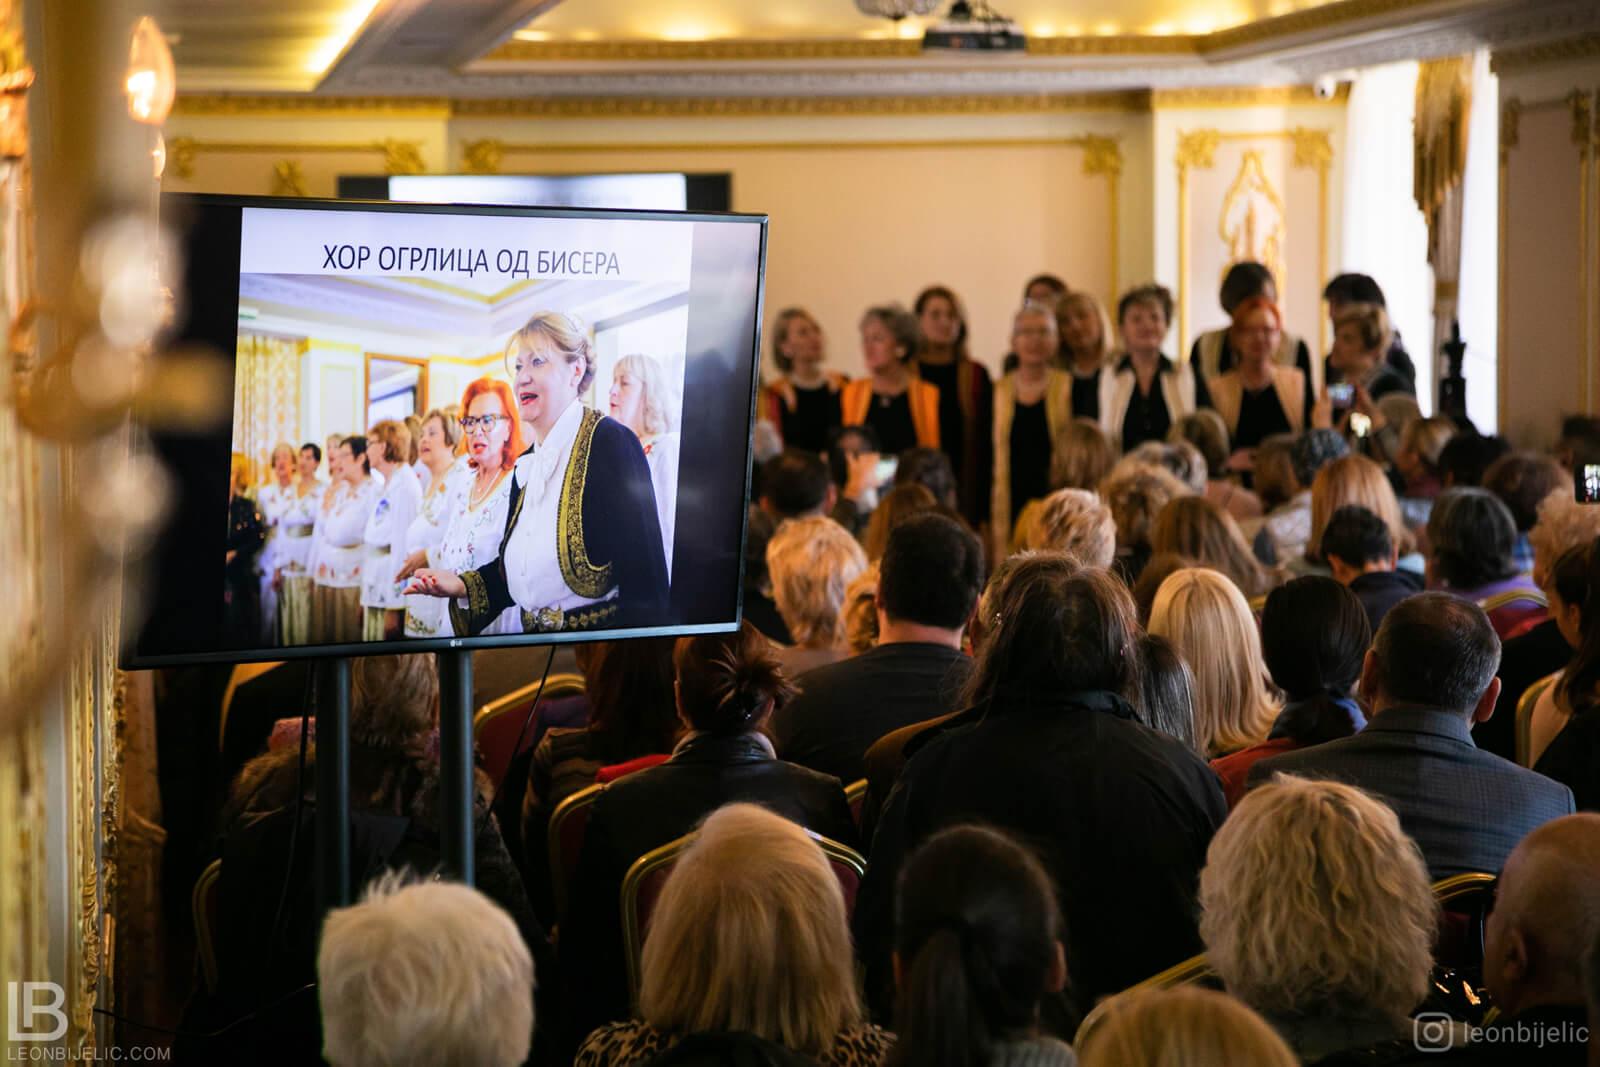 Hor Ogrlice od Bisera - Seminar - Beograd - Hotel Moskva